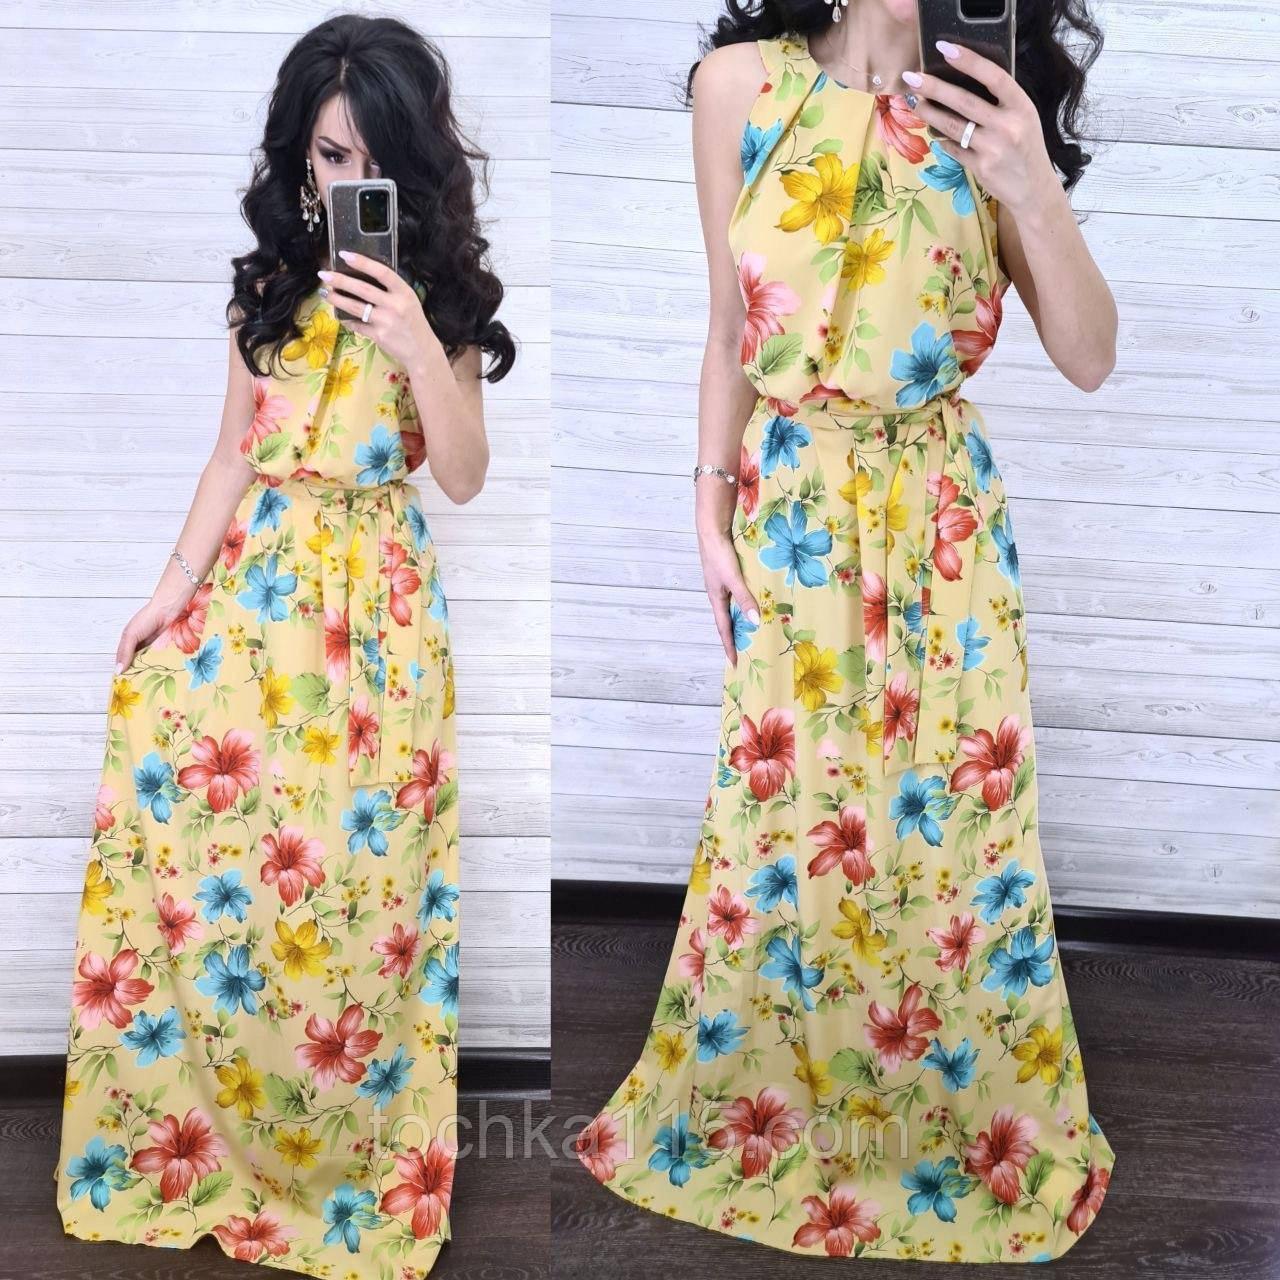 Стильное платье, ткань софт, 42-44, 46-48 рр, цвет желтый принт цветок